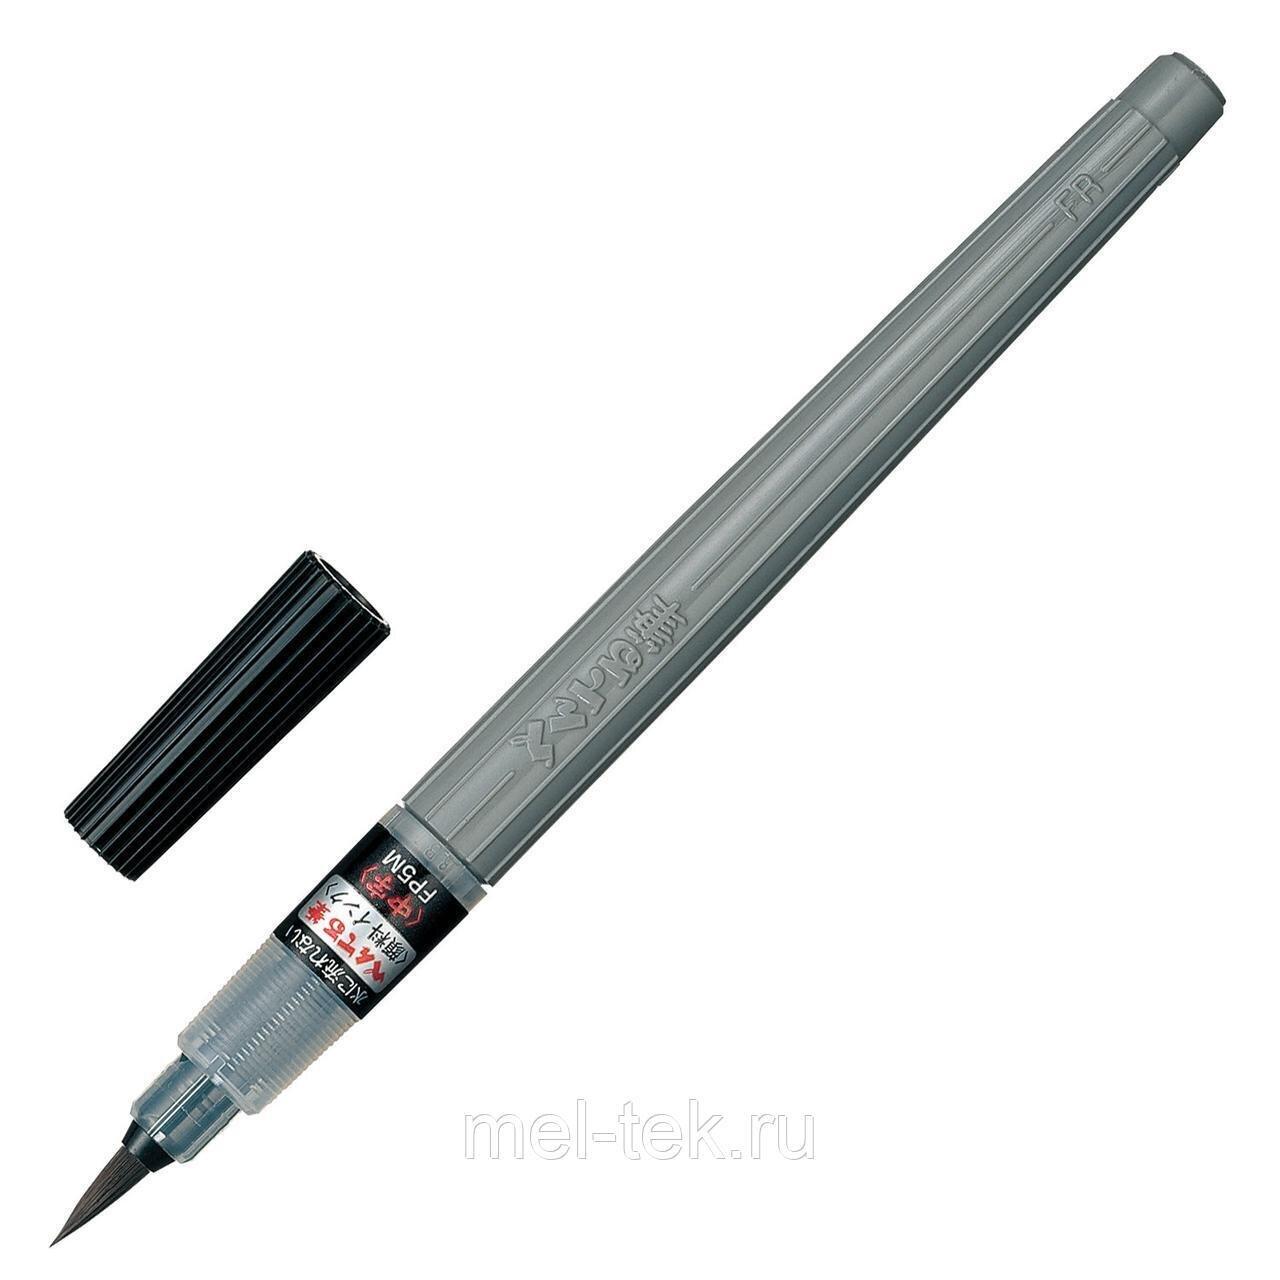 """Кисть художественная PENTEL (Япония) """"Brush Pen"""", картридж, блистер."""